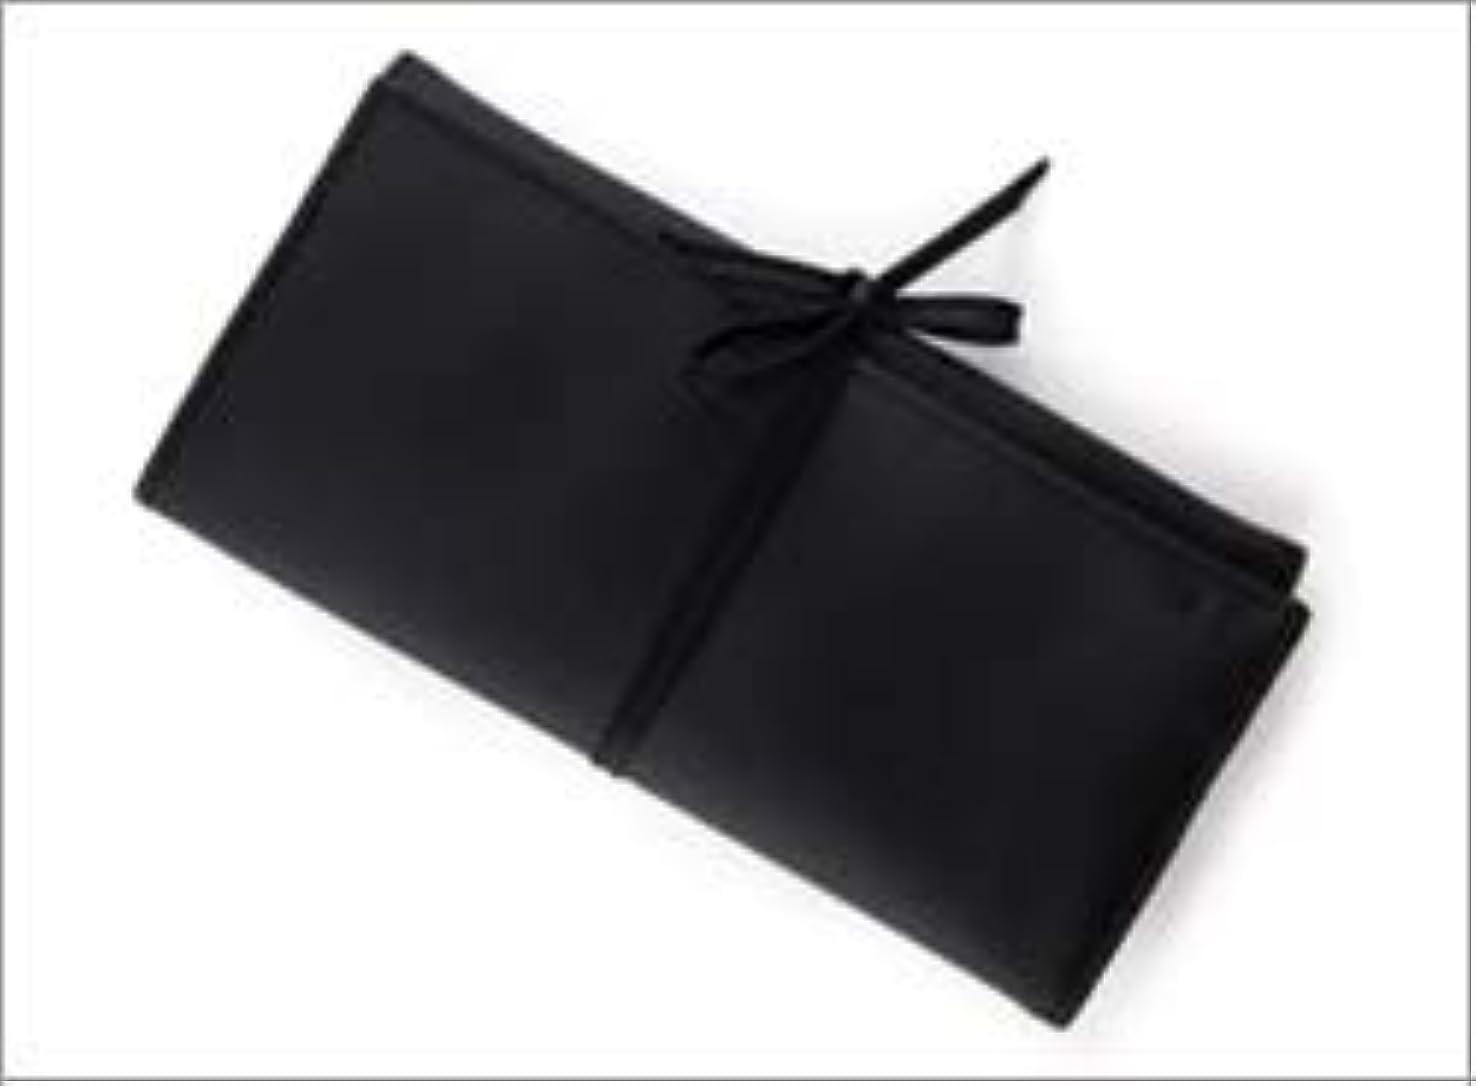 投資するハウジング可聴熊野筆 竹宝堂 正規品 ブラシケース(化粧ポーチ) C-24 材質:ナイロン(三つ折り) 広島 化粧筆